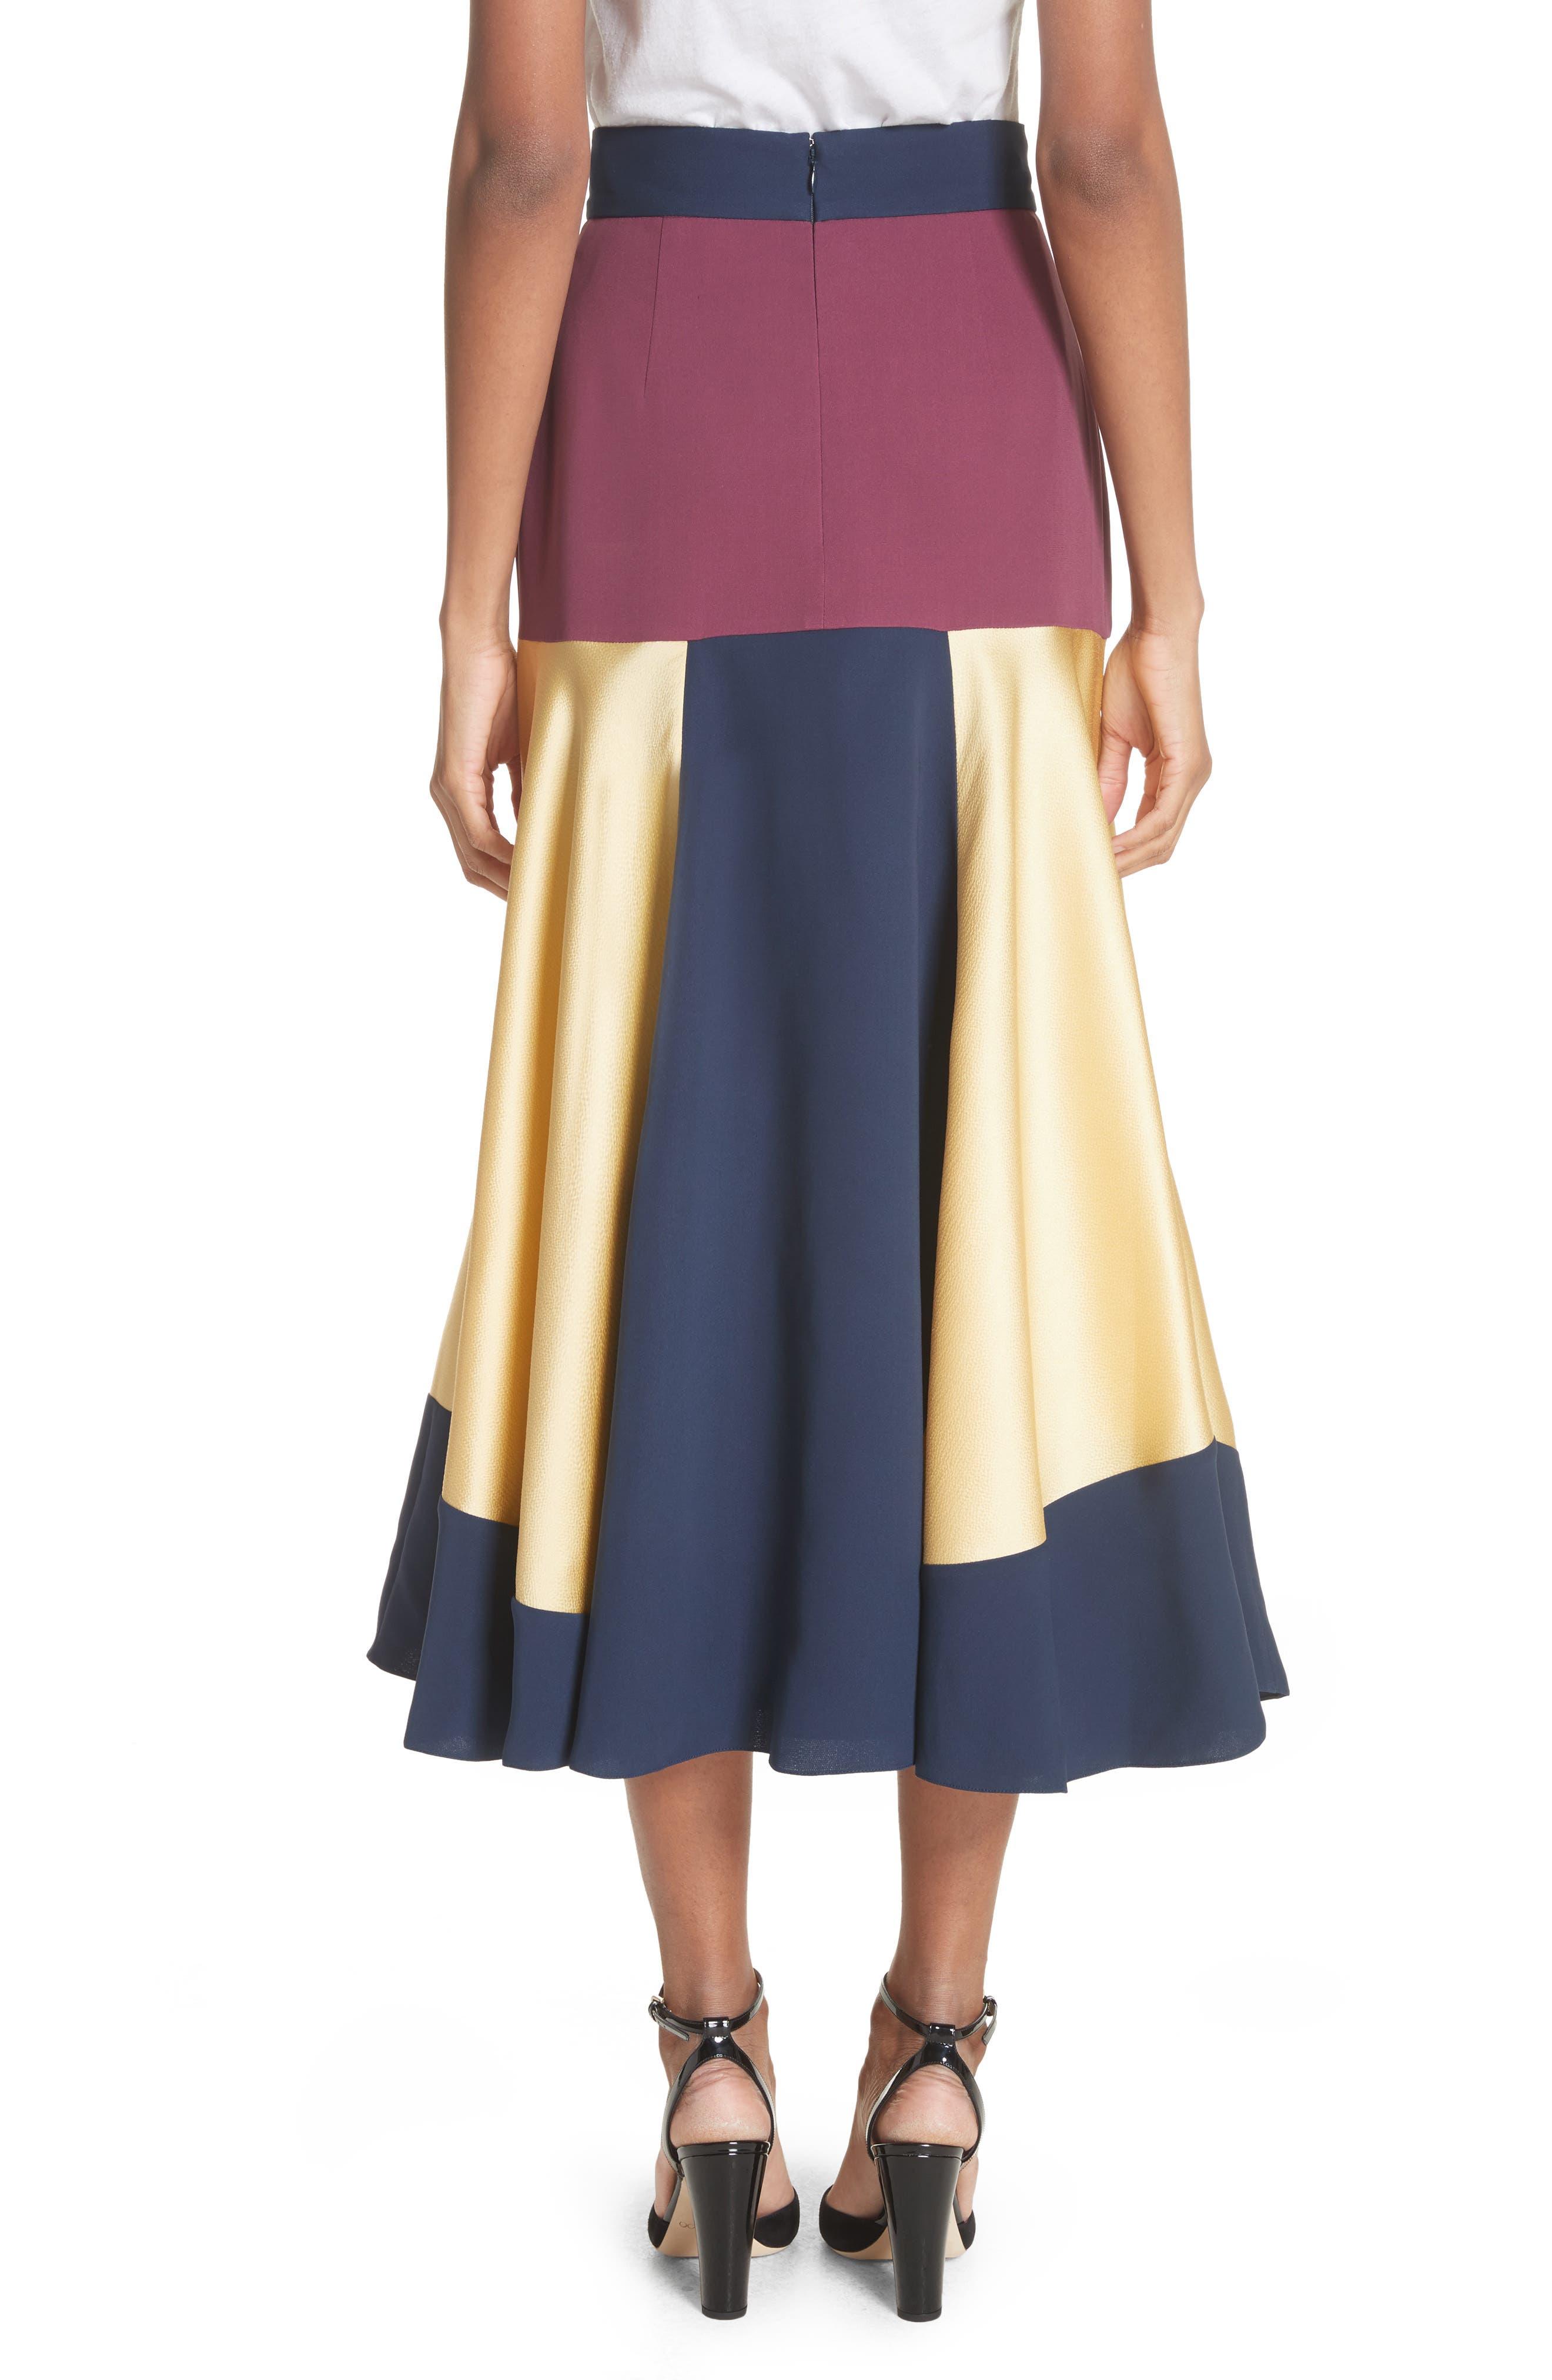 Rania Skirt,                             Alternate thumbnail 2, color,                             Sorbet/ Plum/ Navy